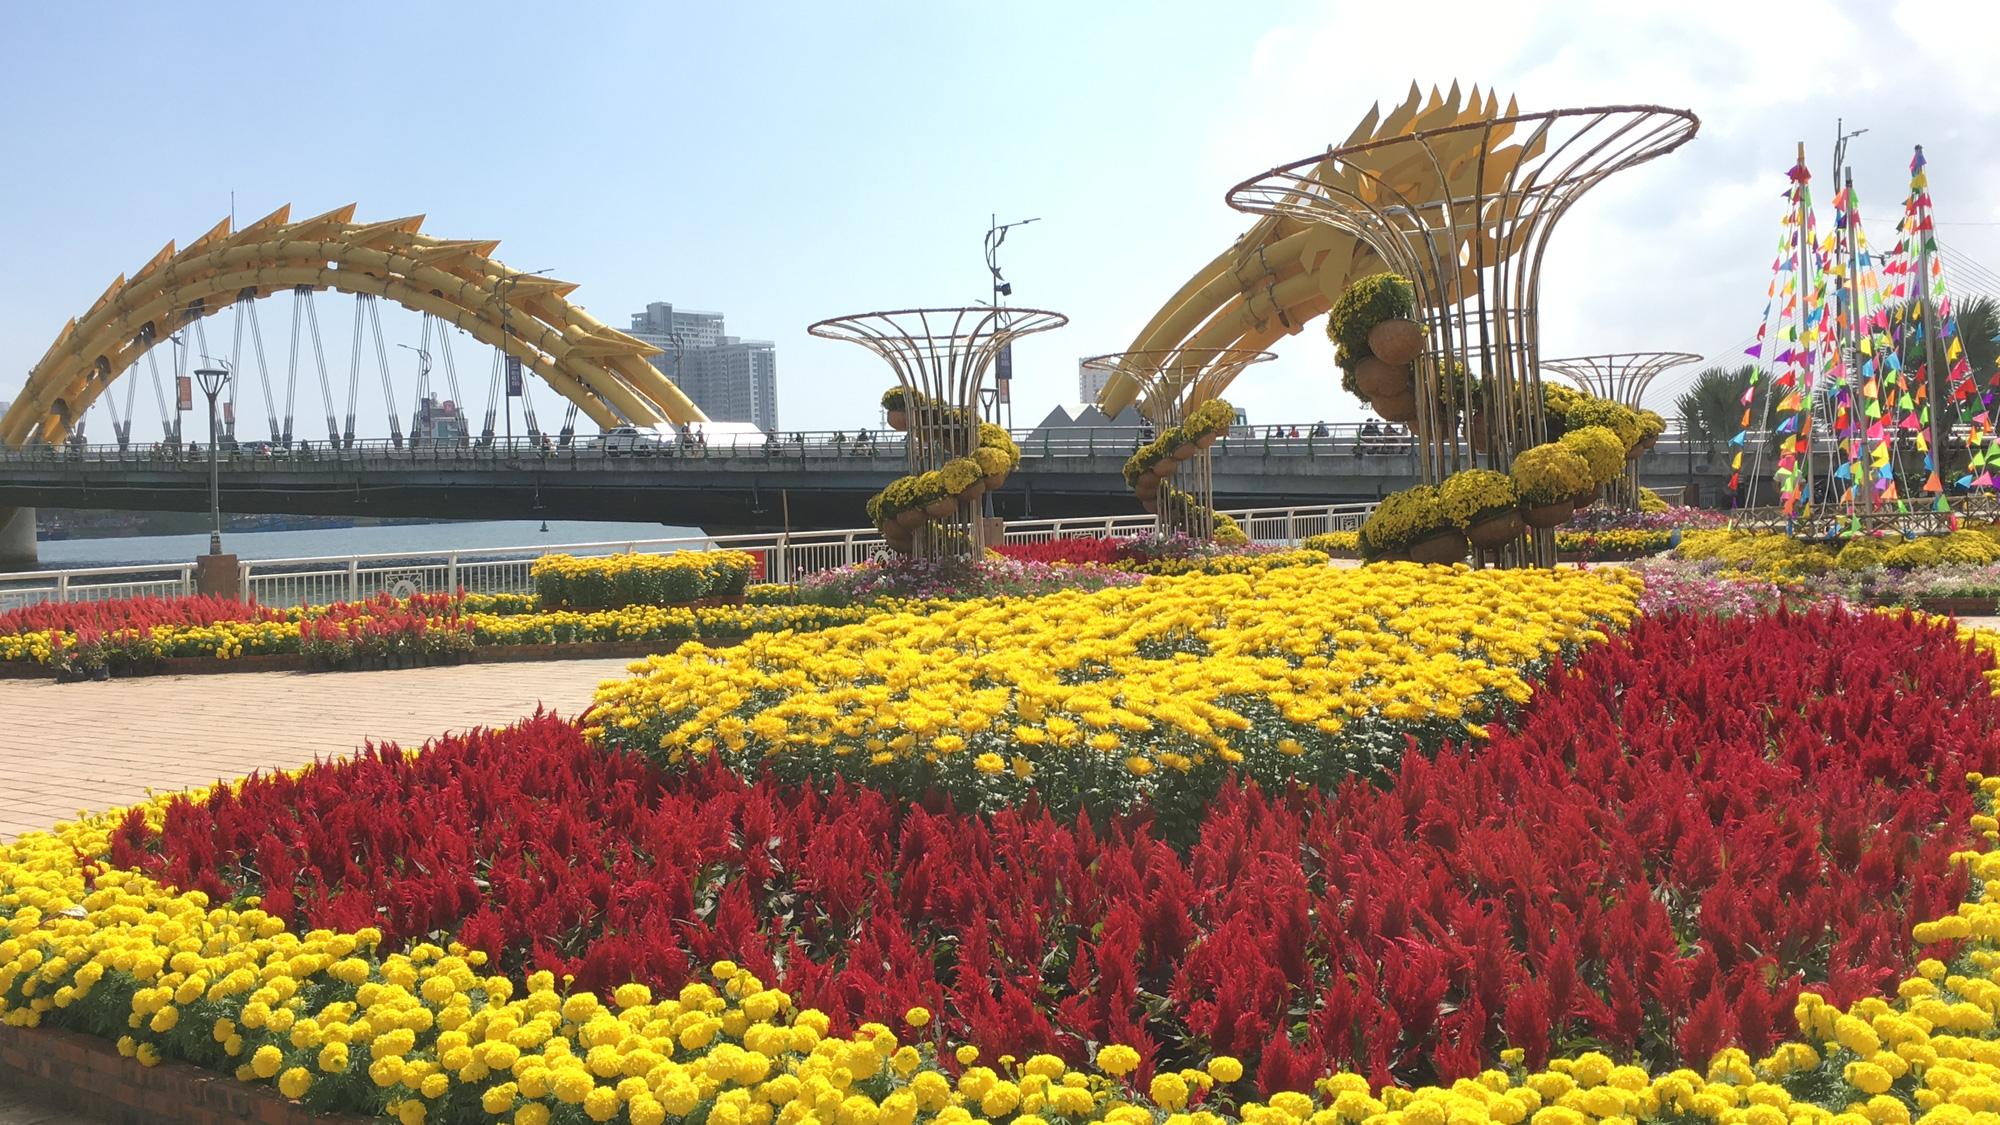 Hối hả thi công đường hoa Đà Nẵng để người dân tham quan, chơi Tết Canh Tý 2020 - Ảnh 7.